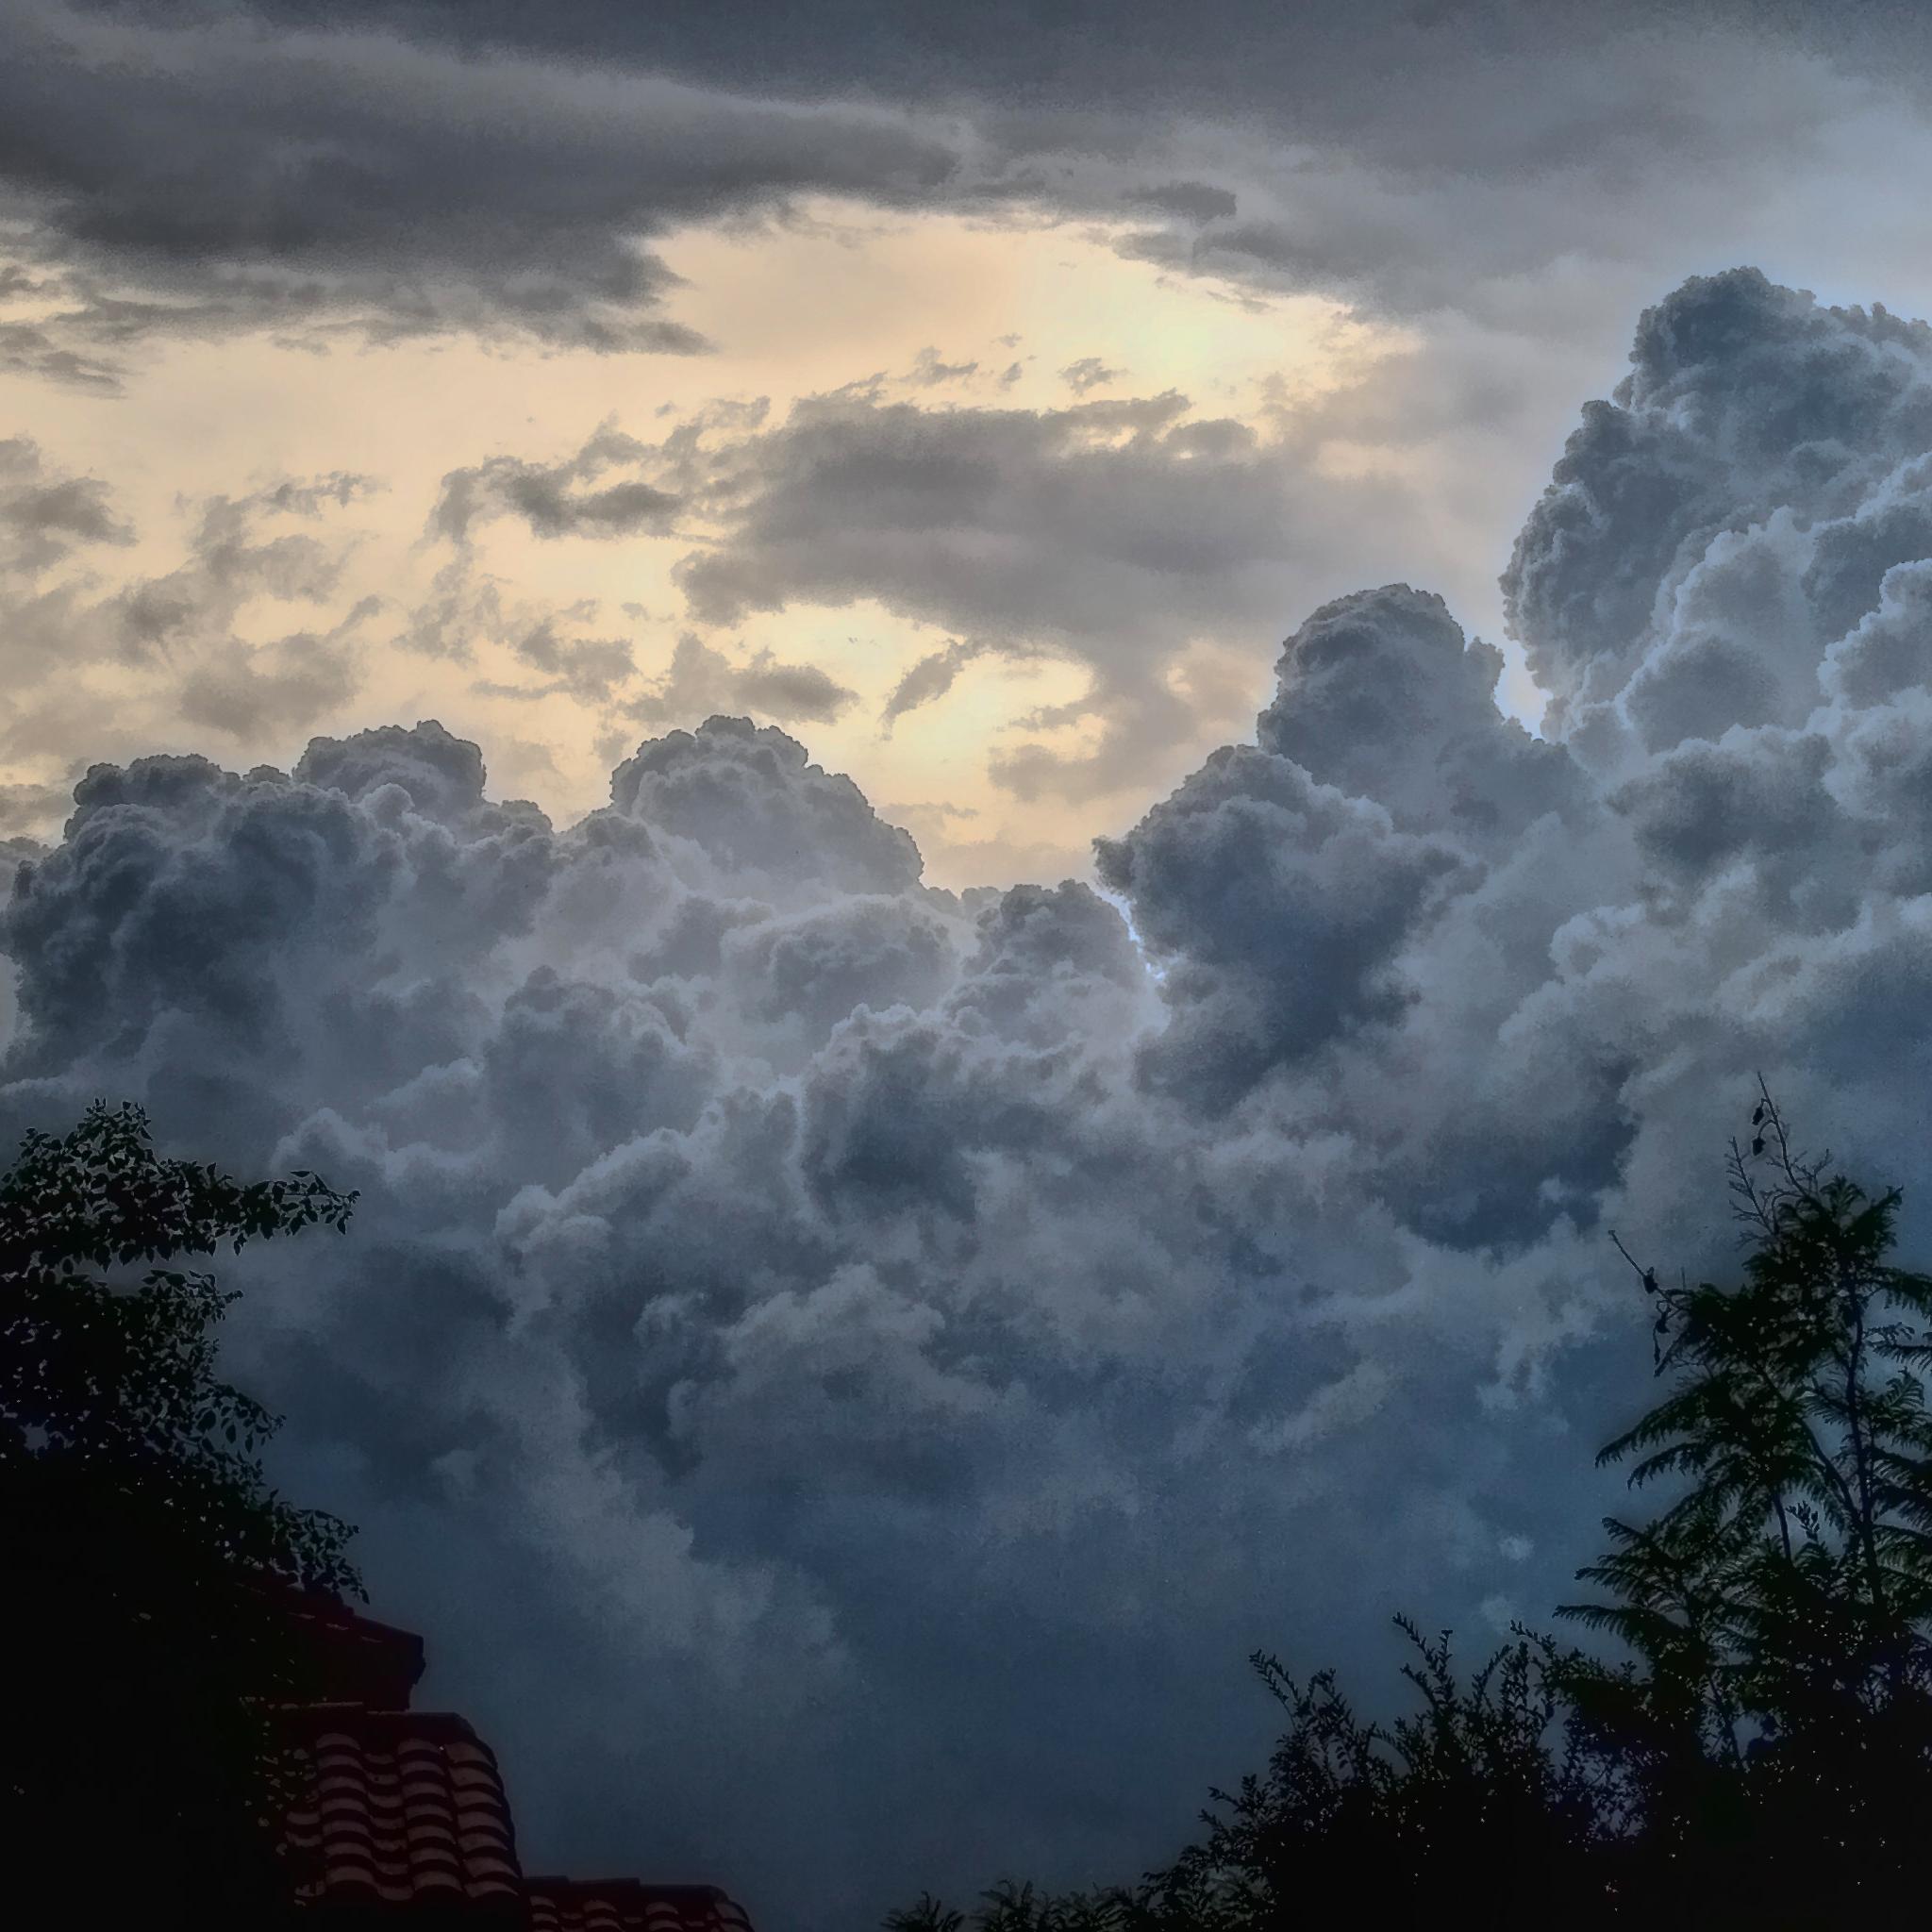 Storm-Cloud-3Wallpapers-iPad